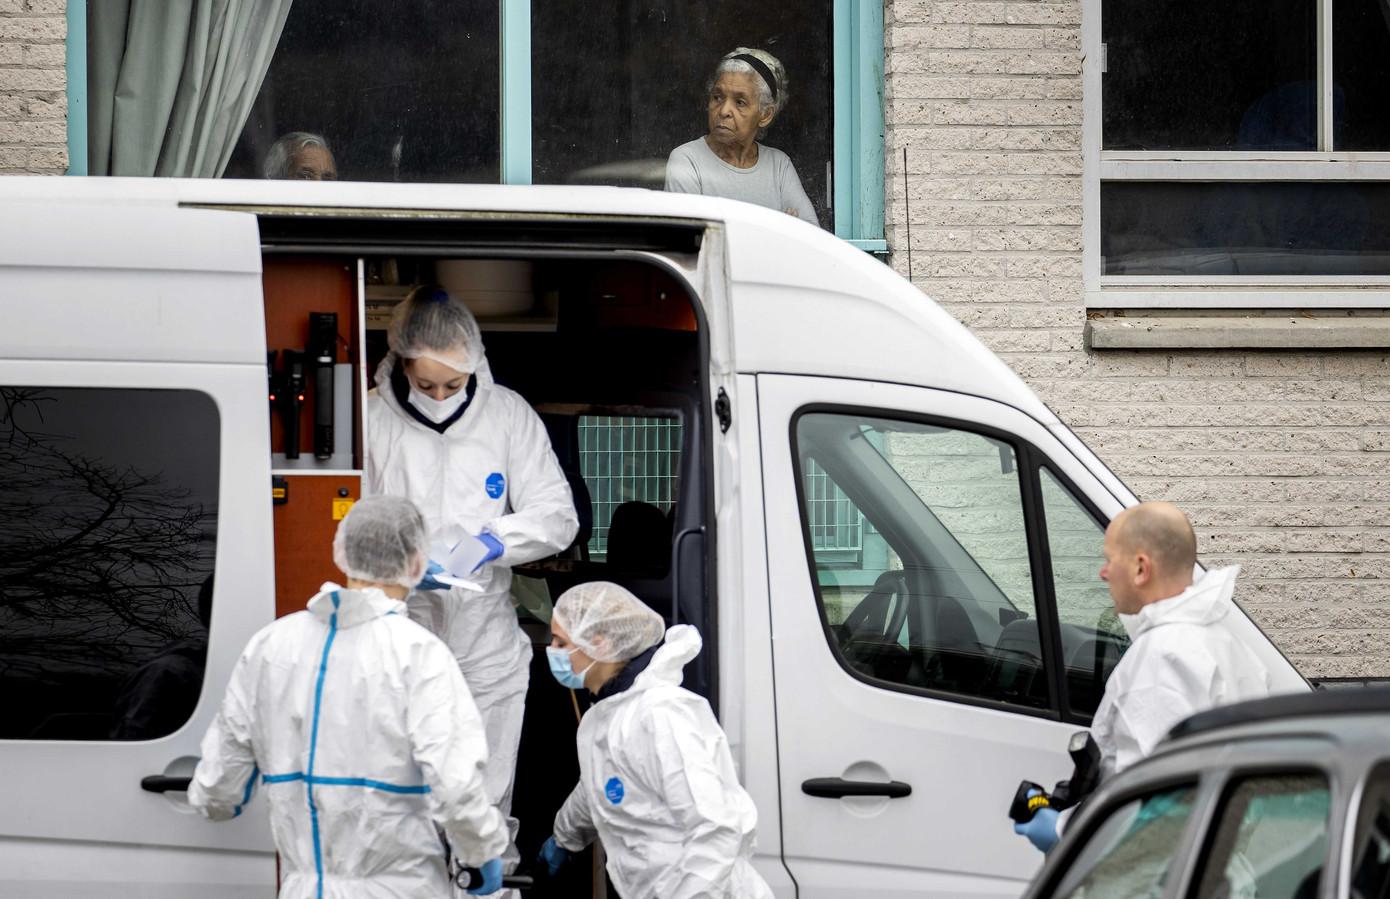 Technische recherche doet onderzoek op de Alexander Dumaslaan waar Van der Pol is neergeschoten.